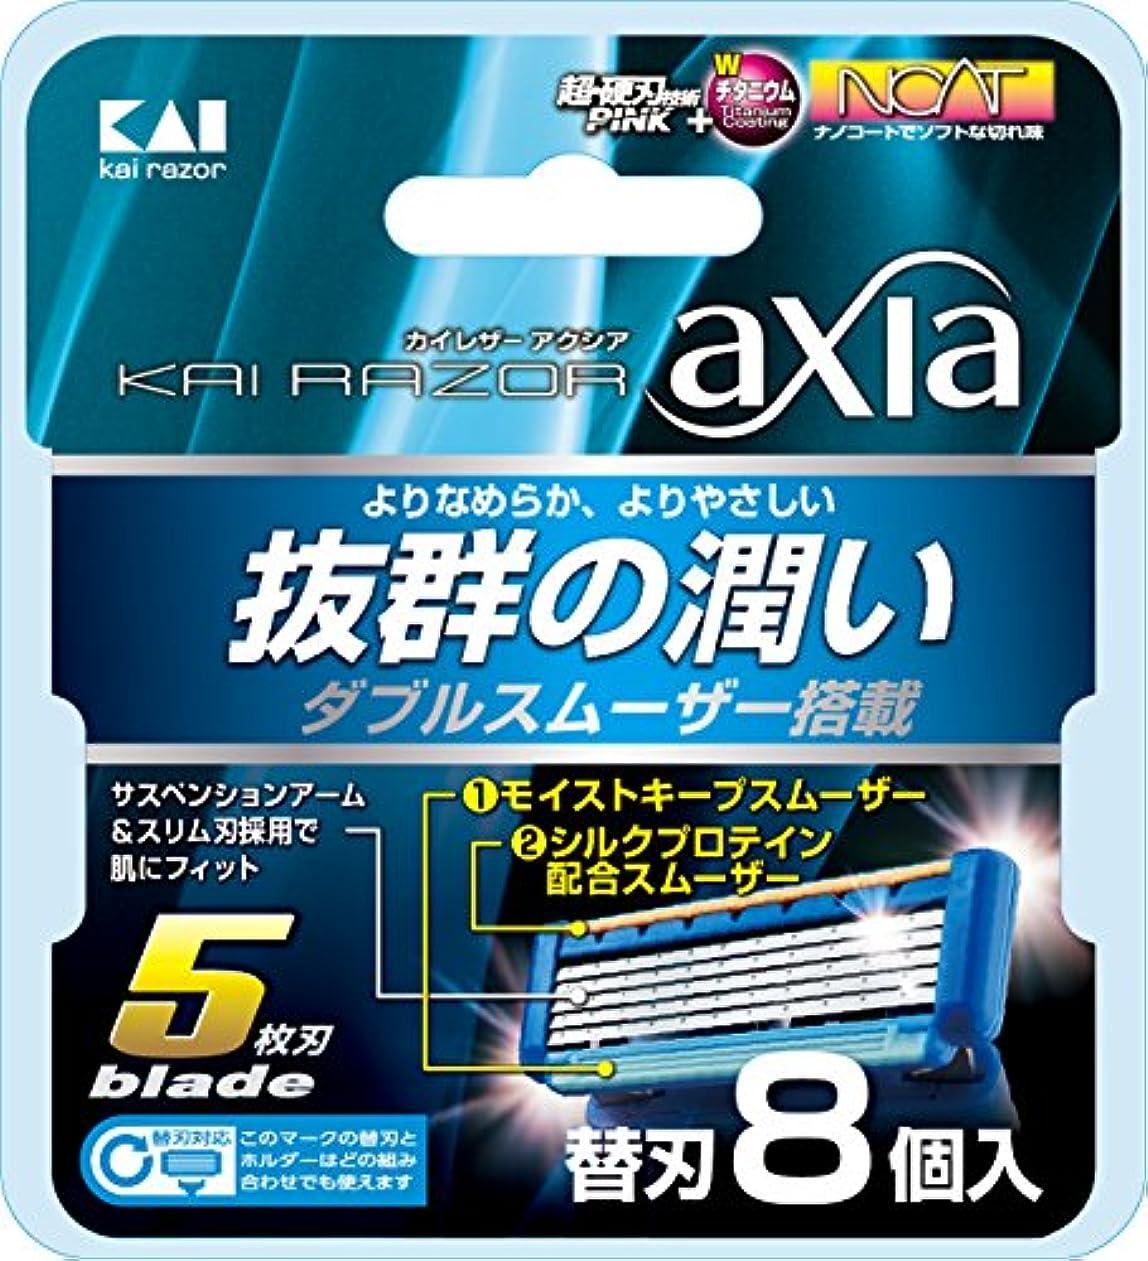 うま嵐の一掃するKAI RAZOR axia(カイ レザー アクシア)5枚刃 替刃 8個入